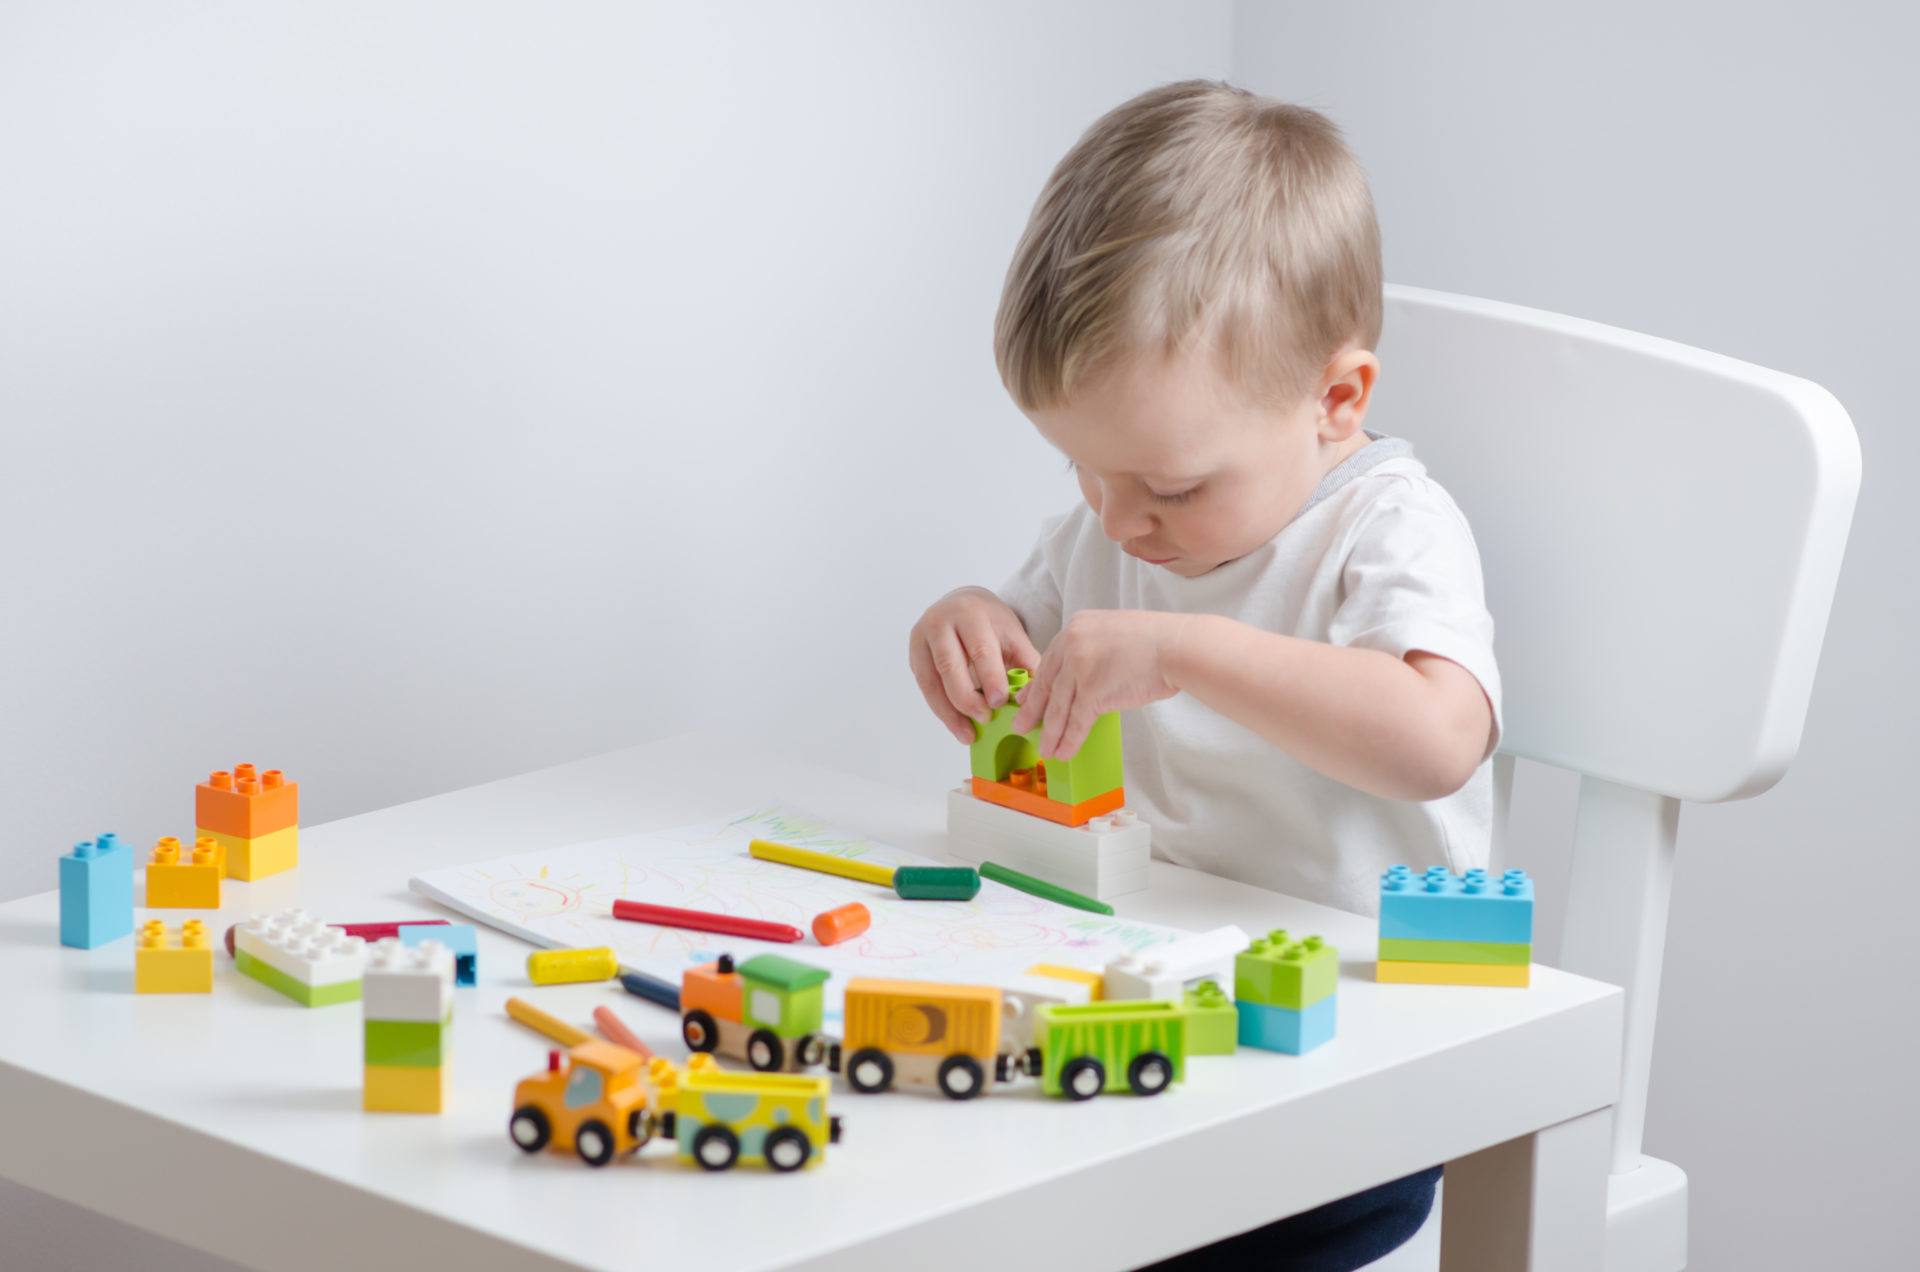 Motricité Jeux Et Jouets, Idées Cadeaux Pour Enfant De 12 encequiconcerne Jeux Educatif Enfant 2 Ans